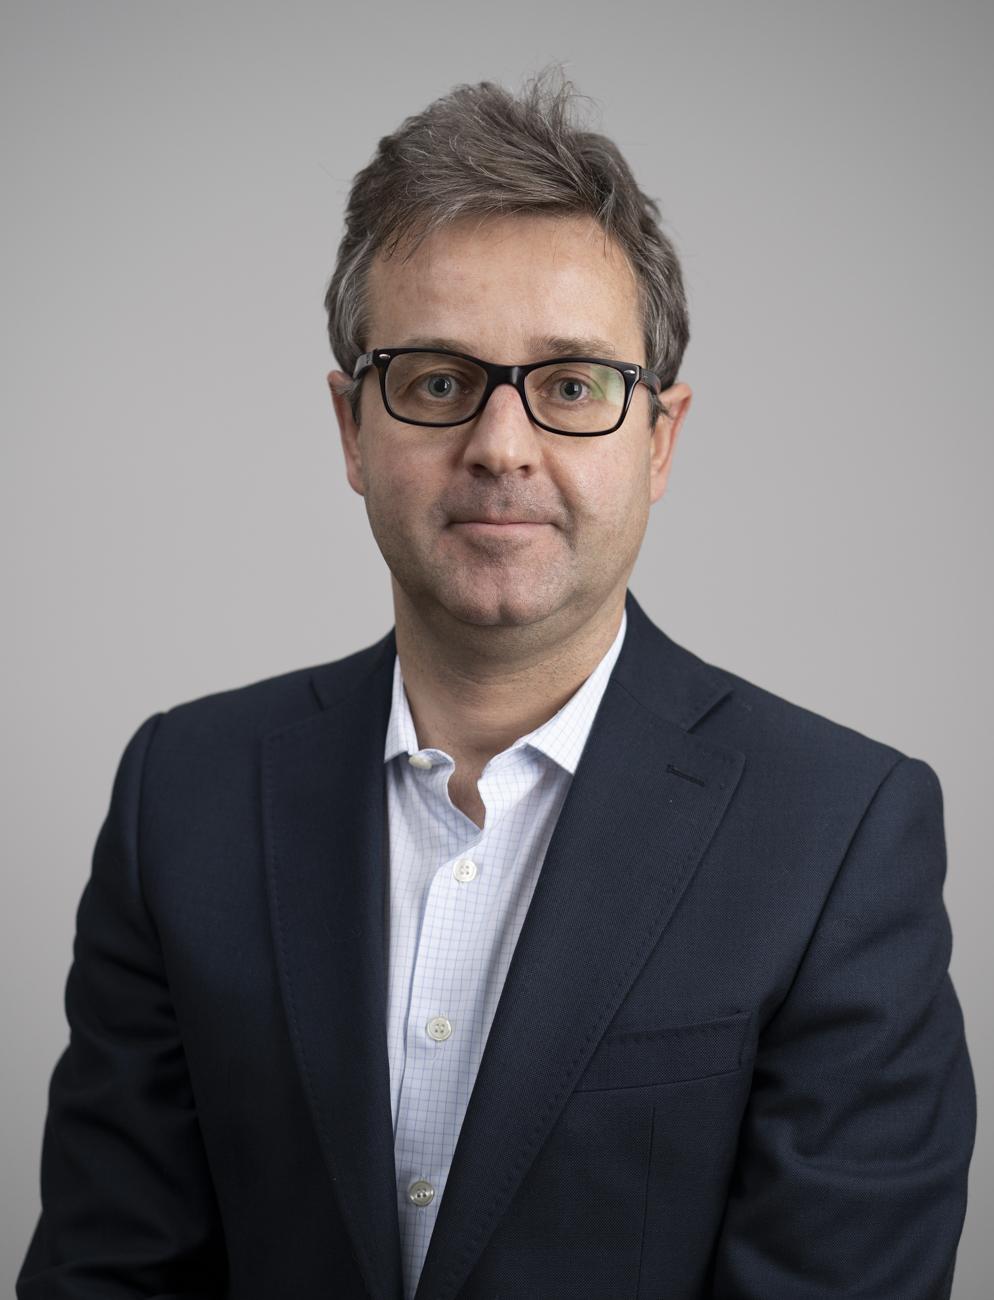 Dr. Alejandro Blázquez Lidoy